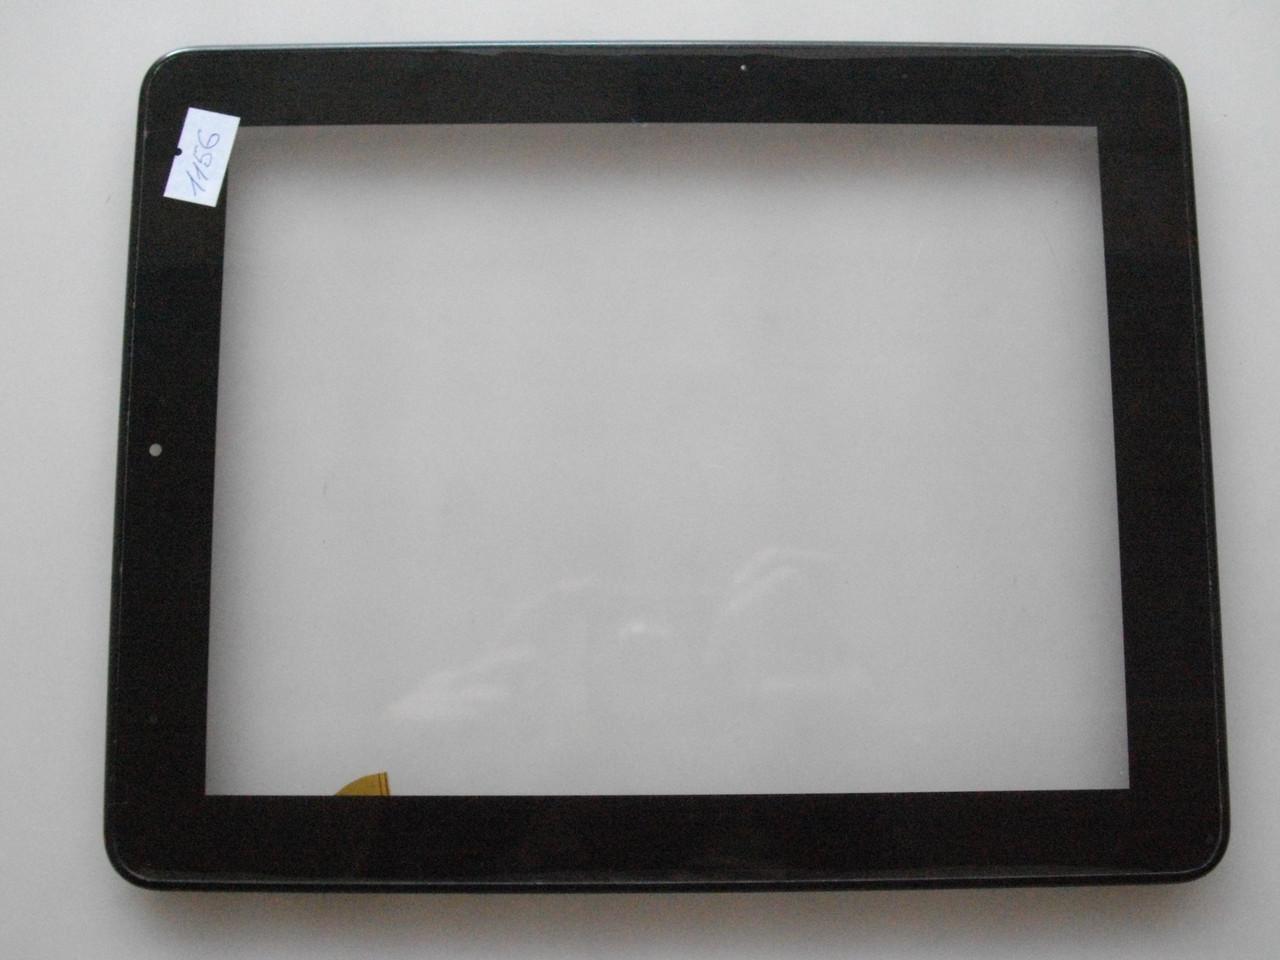 Оригинальный Сенсор с рамкой для планшета Impression ImPad 9701, 9701/16 БУ (шлейф сенсор поврежден)